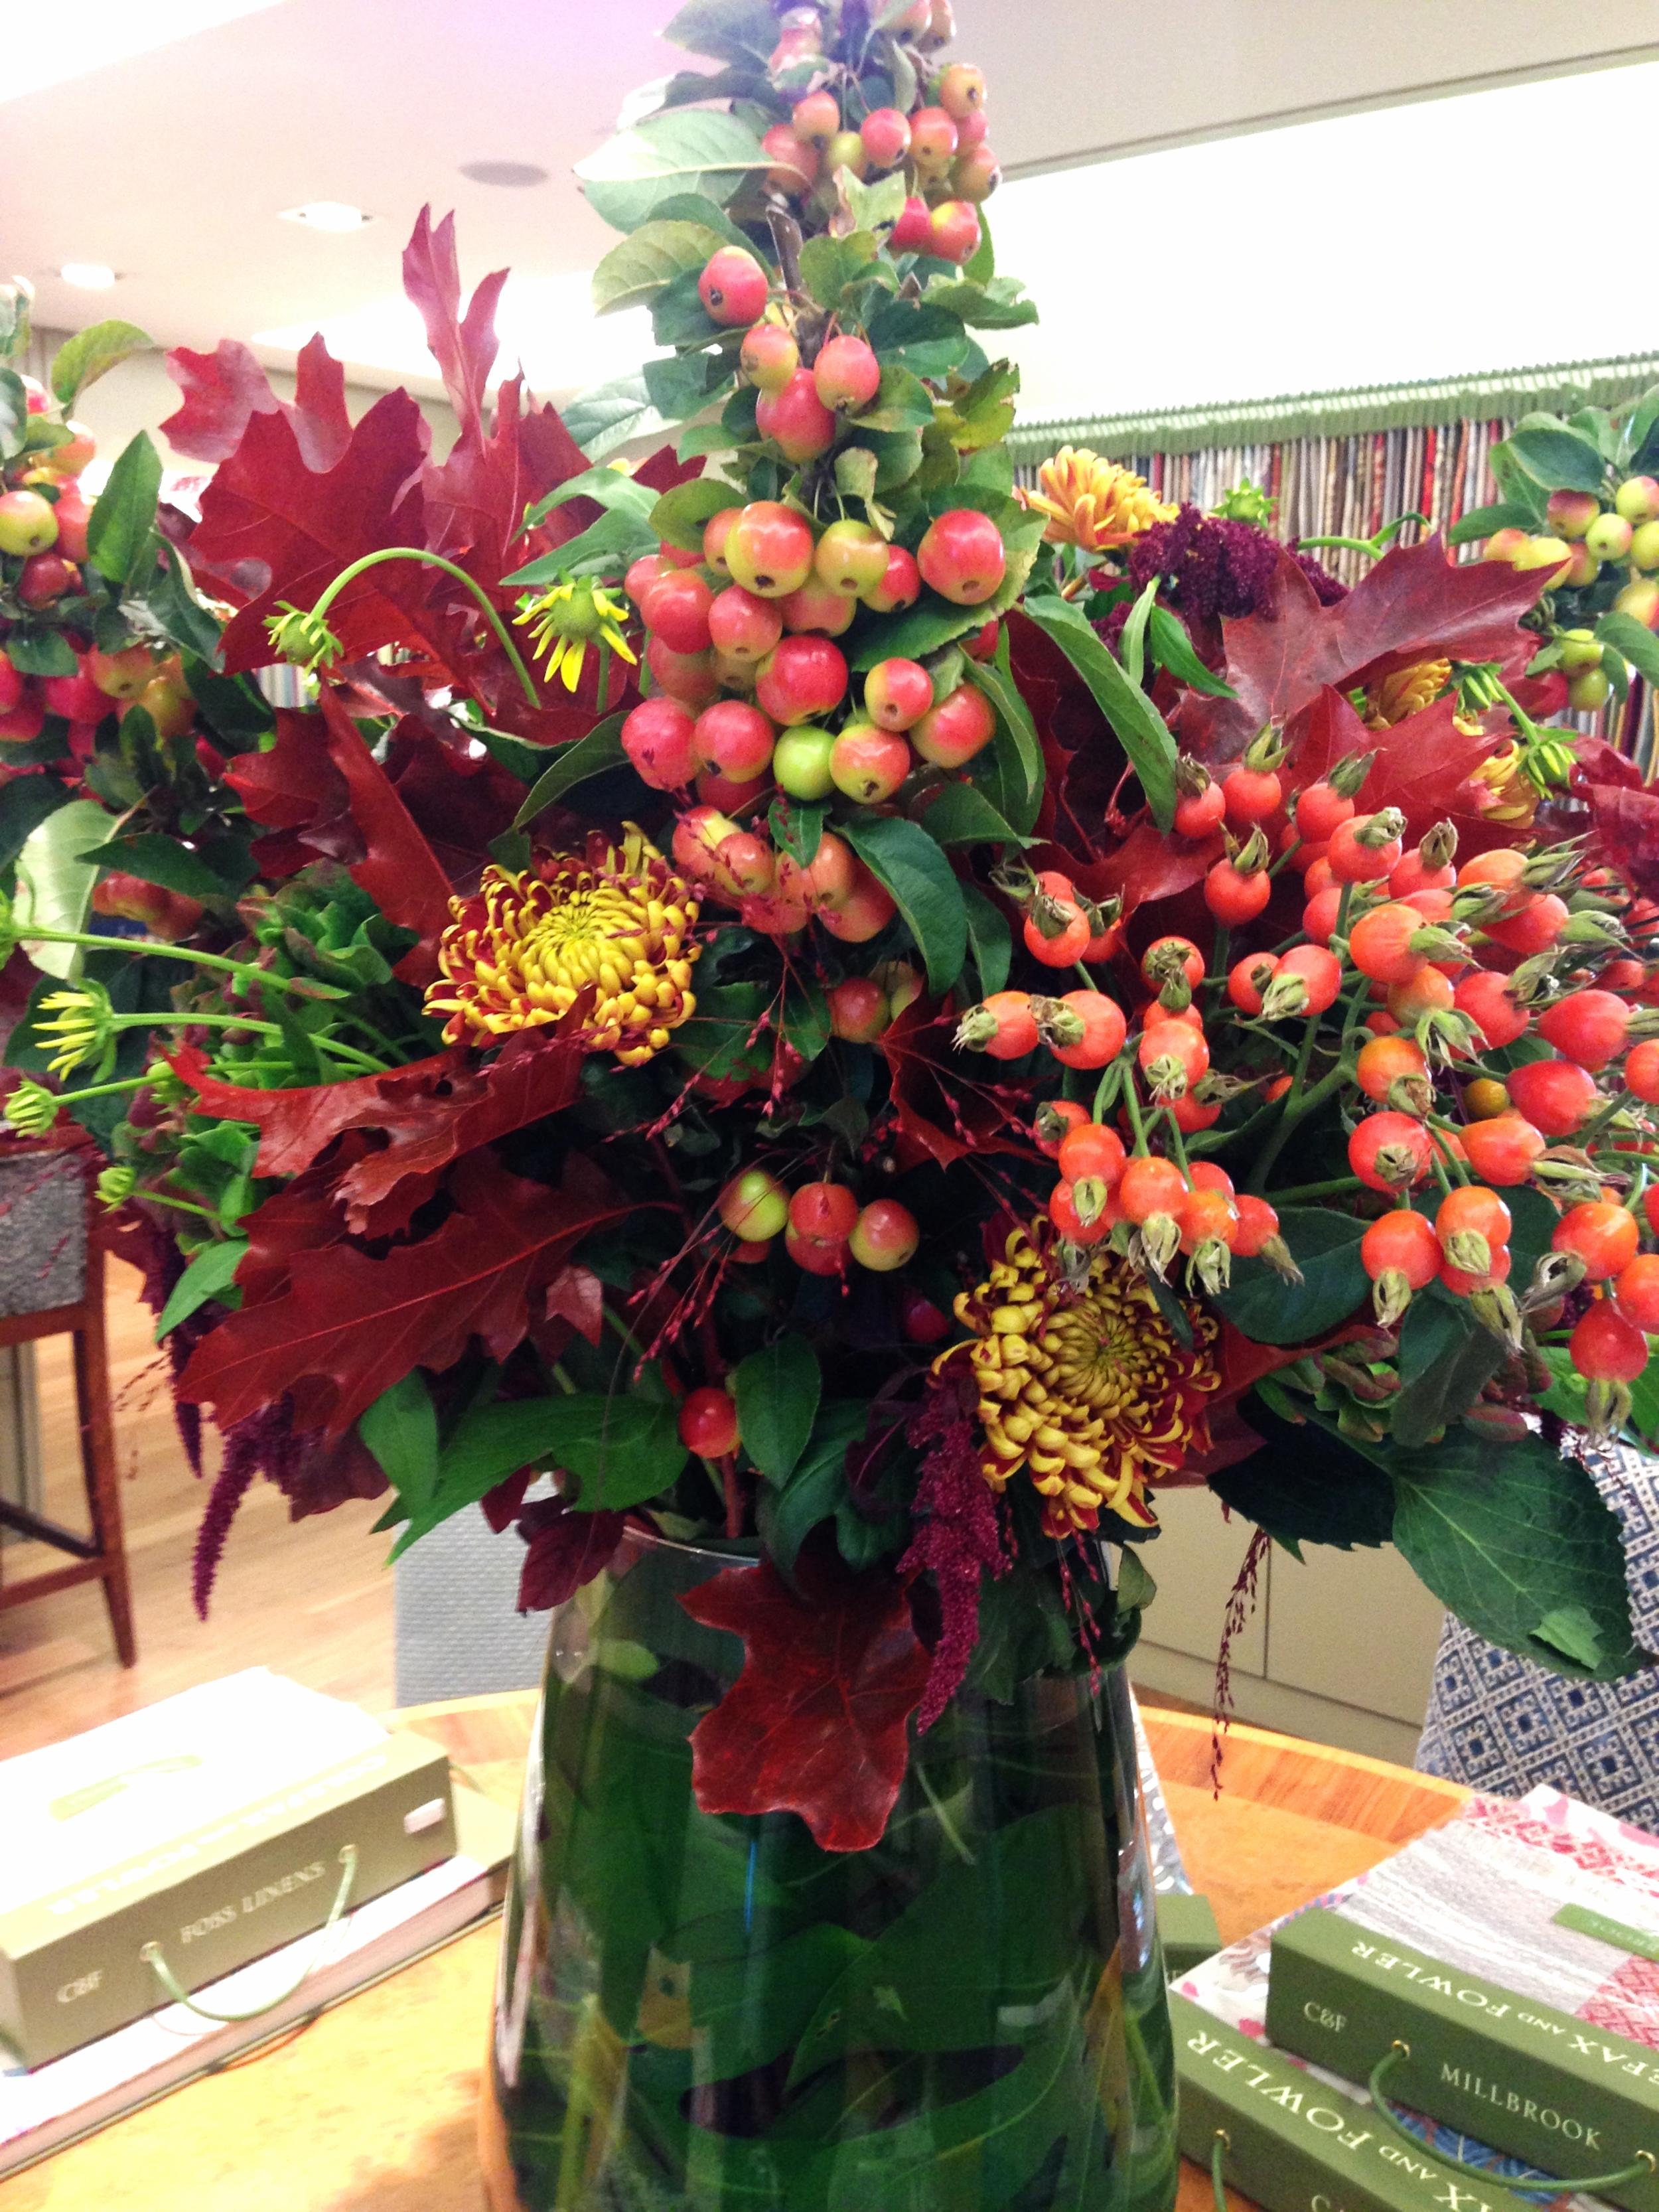 Colefax & Fowler showroom - flowers by my friend Jayne Copperwaite Flowers